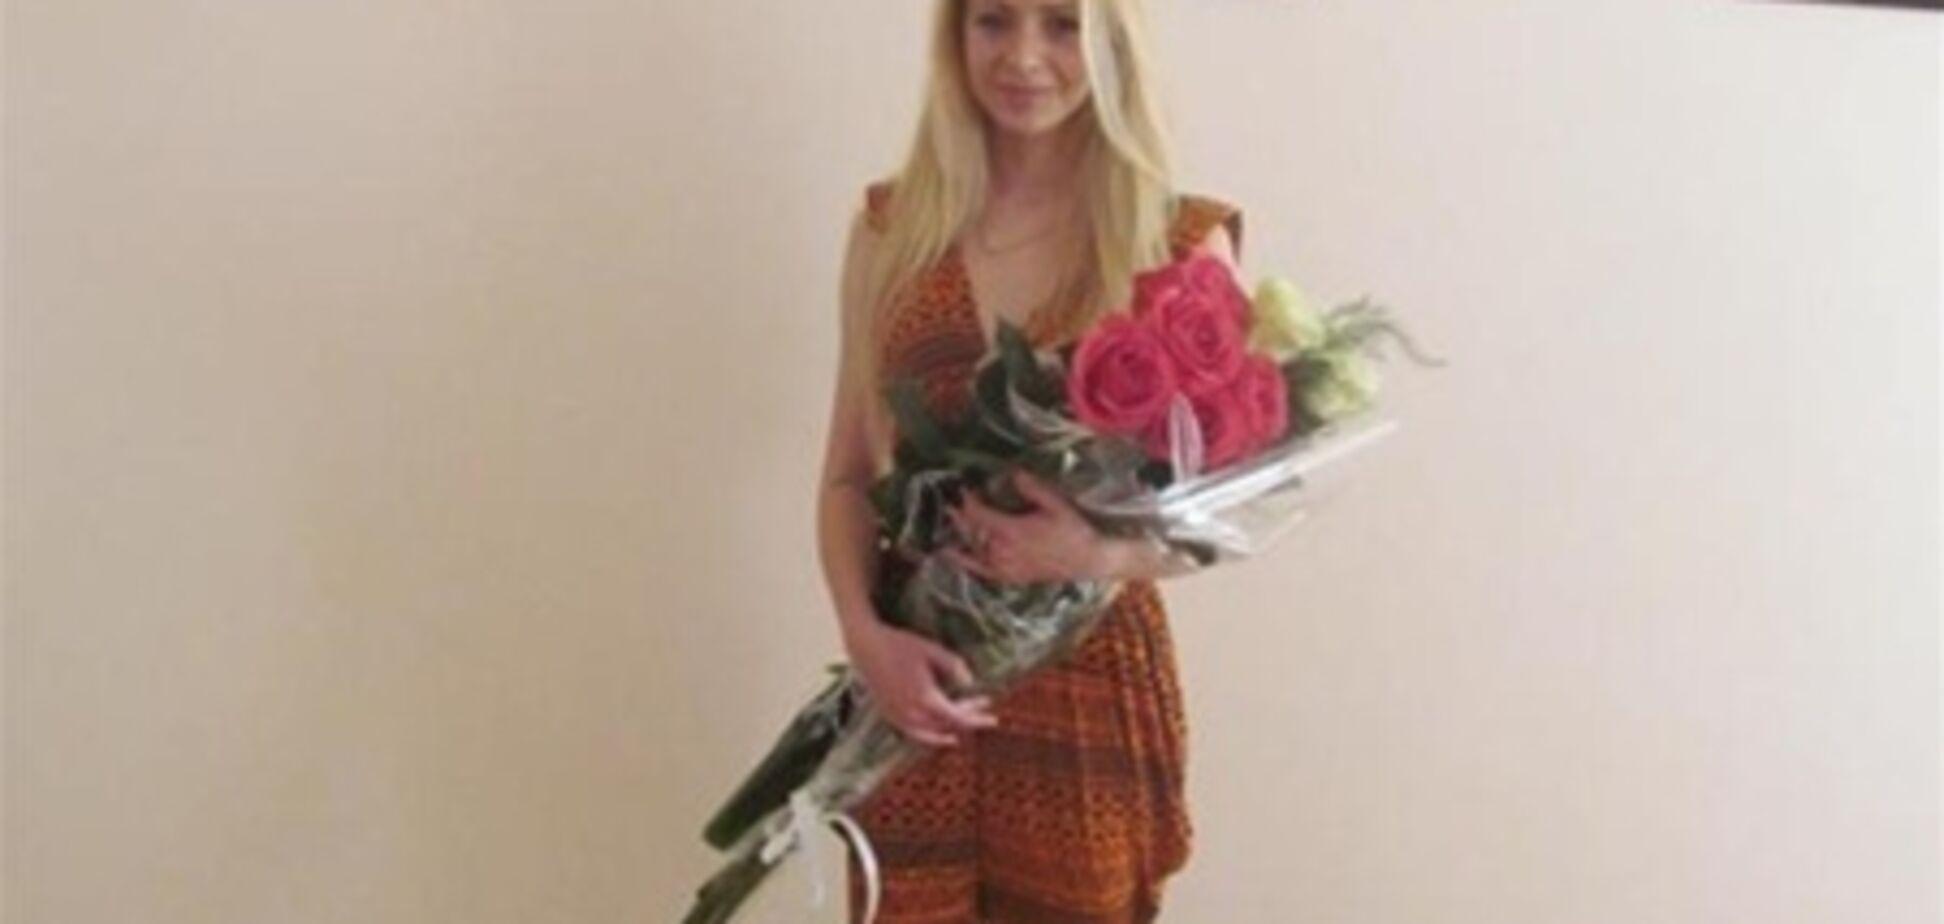 Победительница 'Голоса країни' хочет на 'Евровидение' или 'Новую волну'